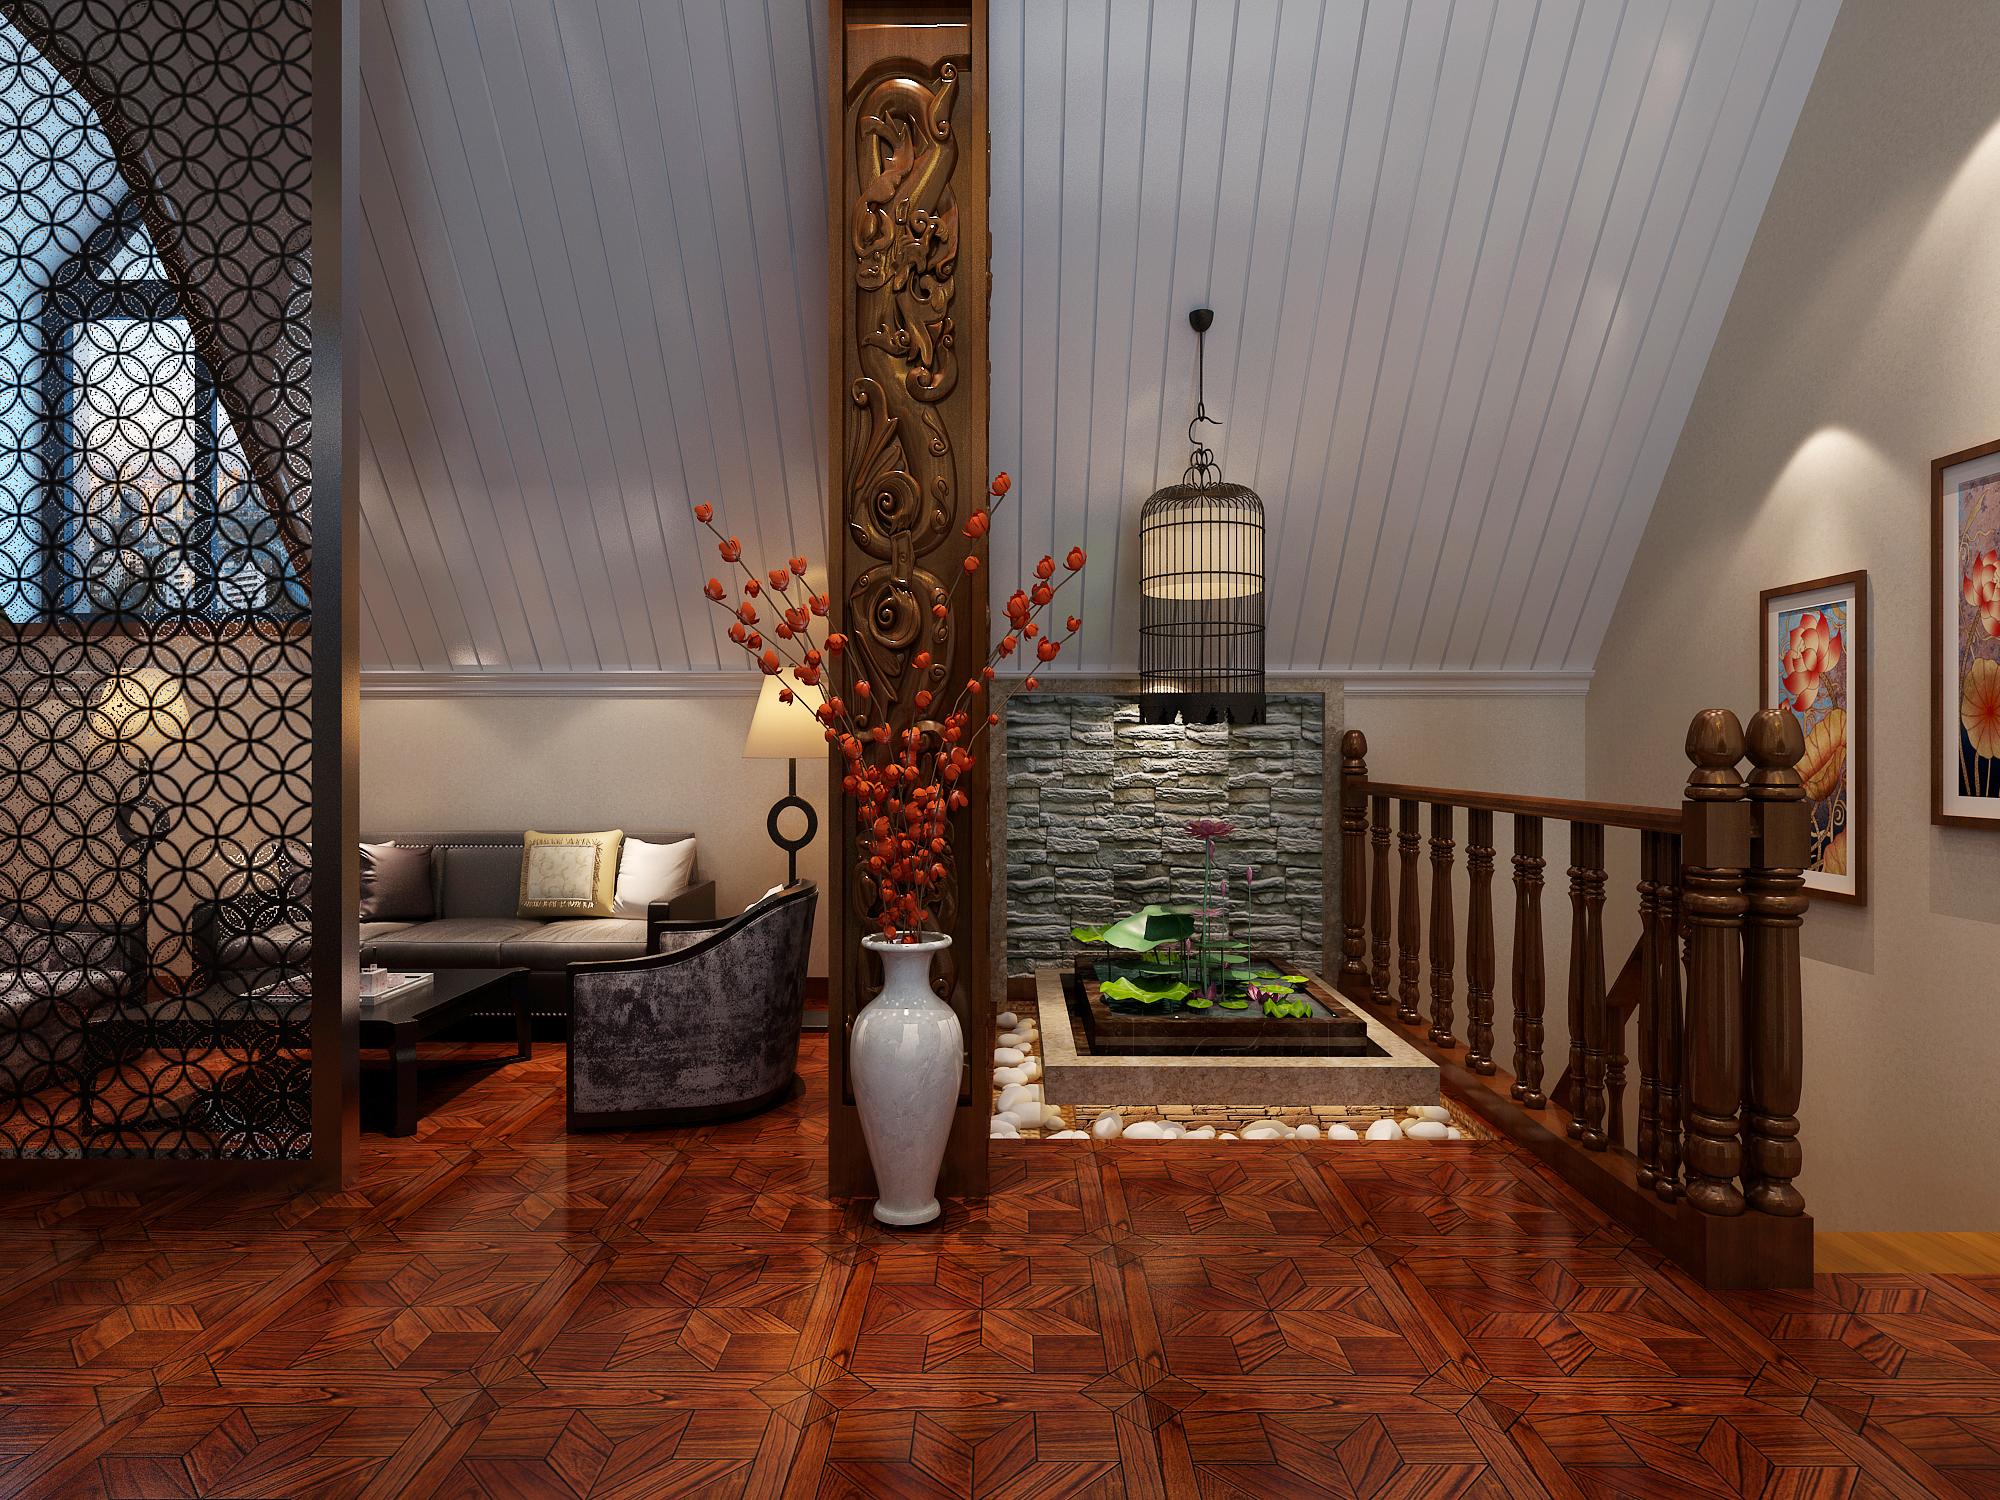 简约 欧式 田园 混搭 二居 三居 别墅 白领 旧房改造 楼梯图片来自黑马36581在联盟新城的分享